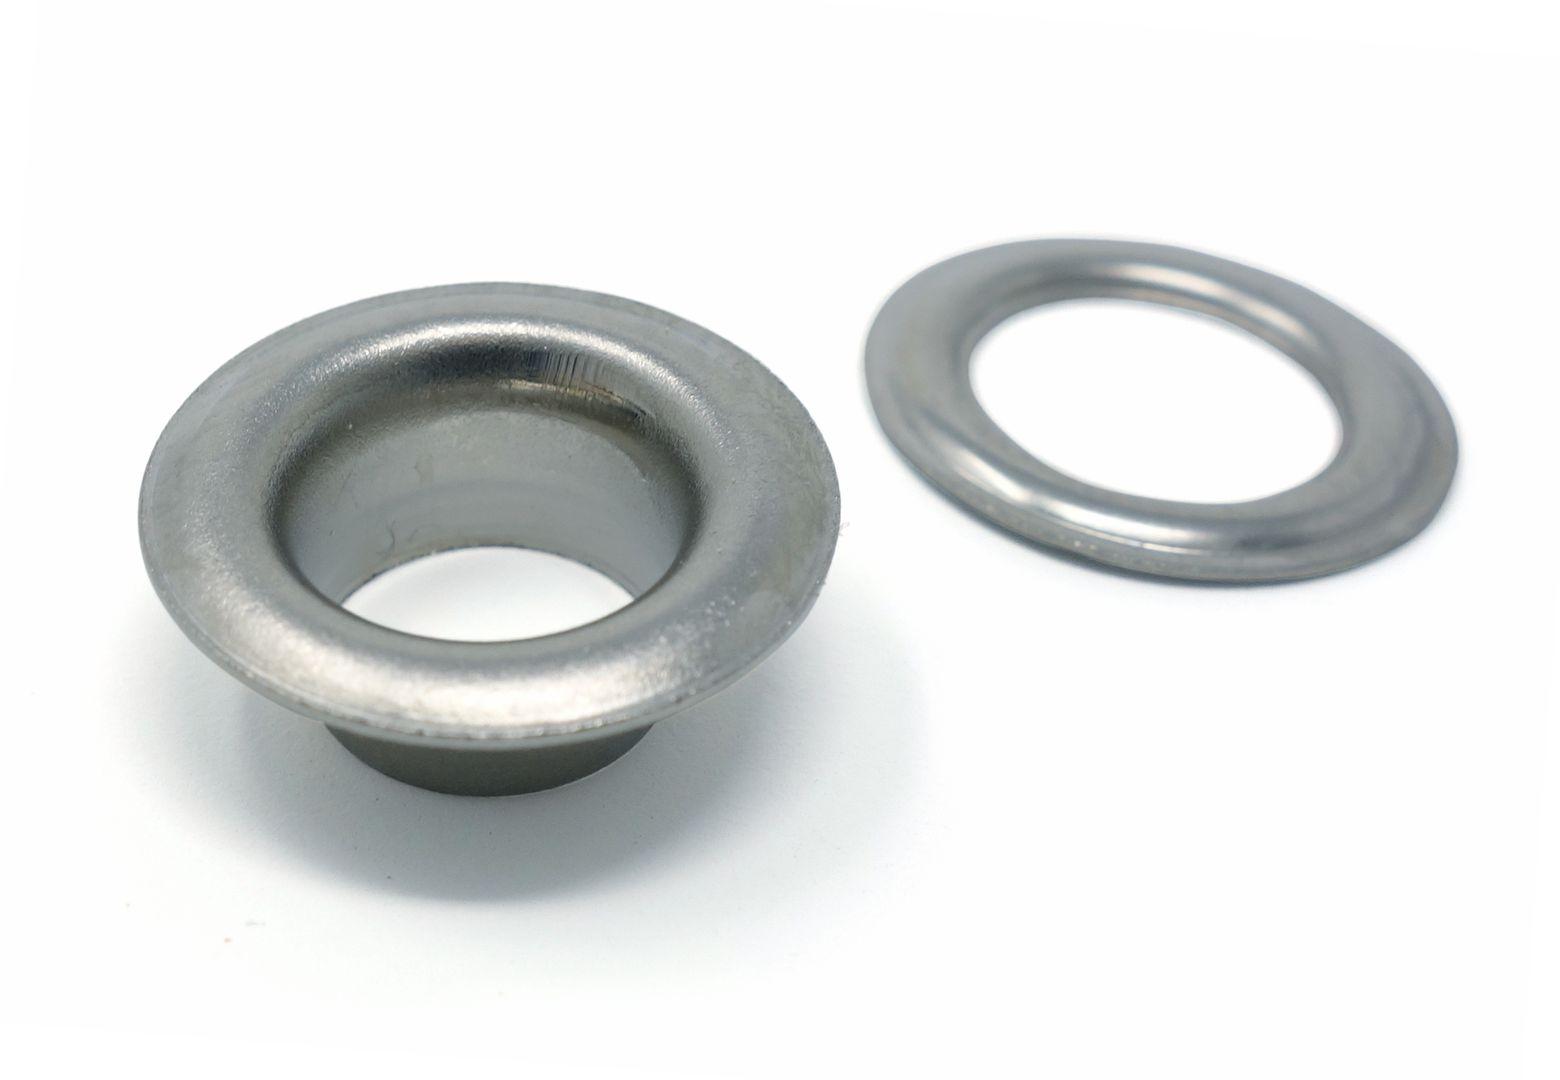 100 x 3,6 mm selbstlochende Ösen mit Scheibe (rostfrei) für Ösenpressen und Einschlagwerkzeuge – Bild 4